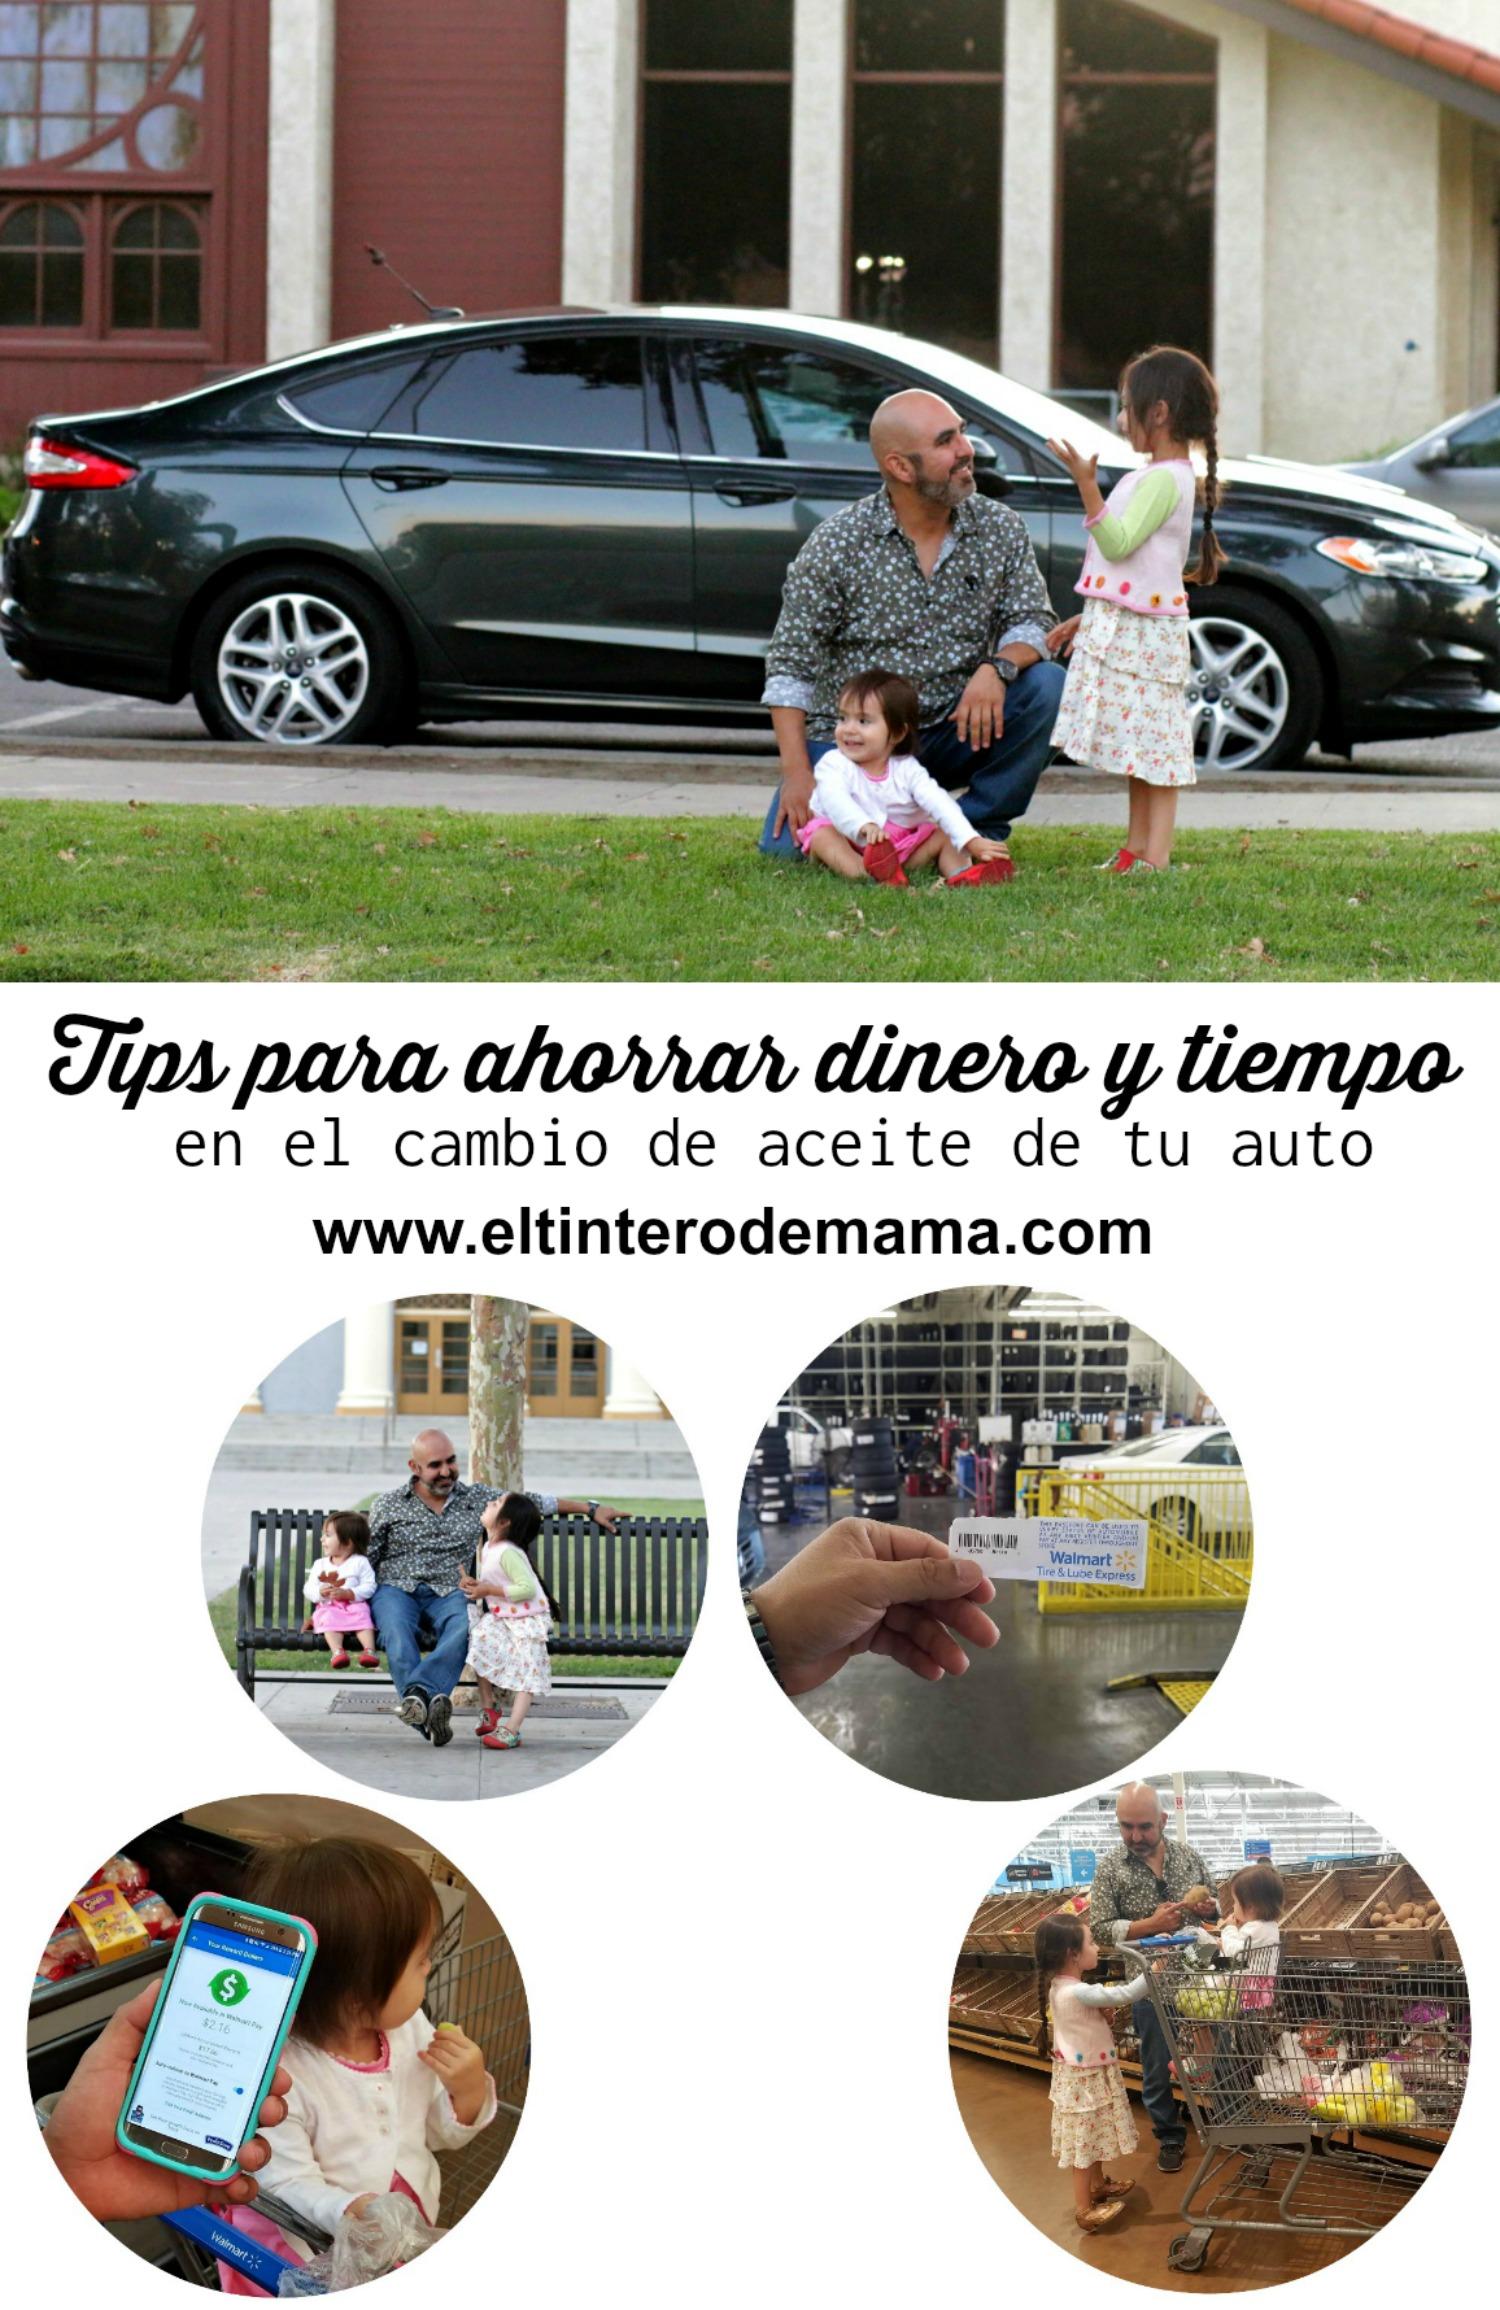 Tips-para-ahorrar-dinero-y-tiempo-en-el-cambio-de-aceite-de-tu-auto